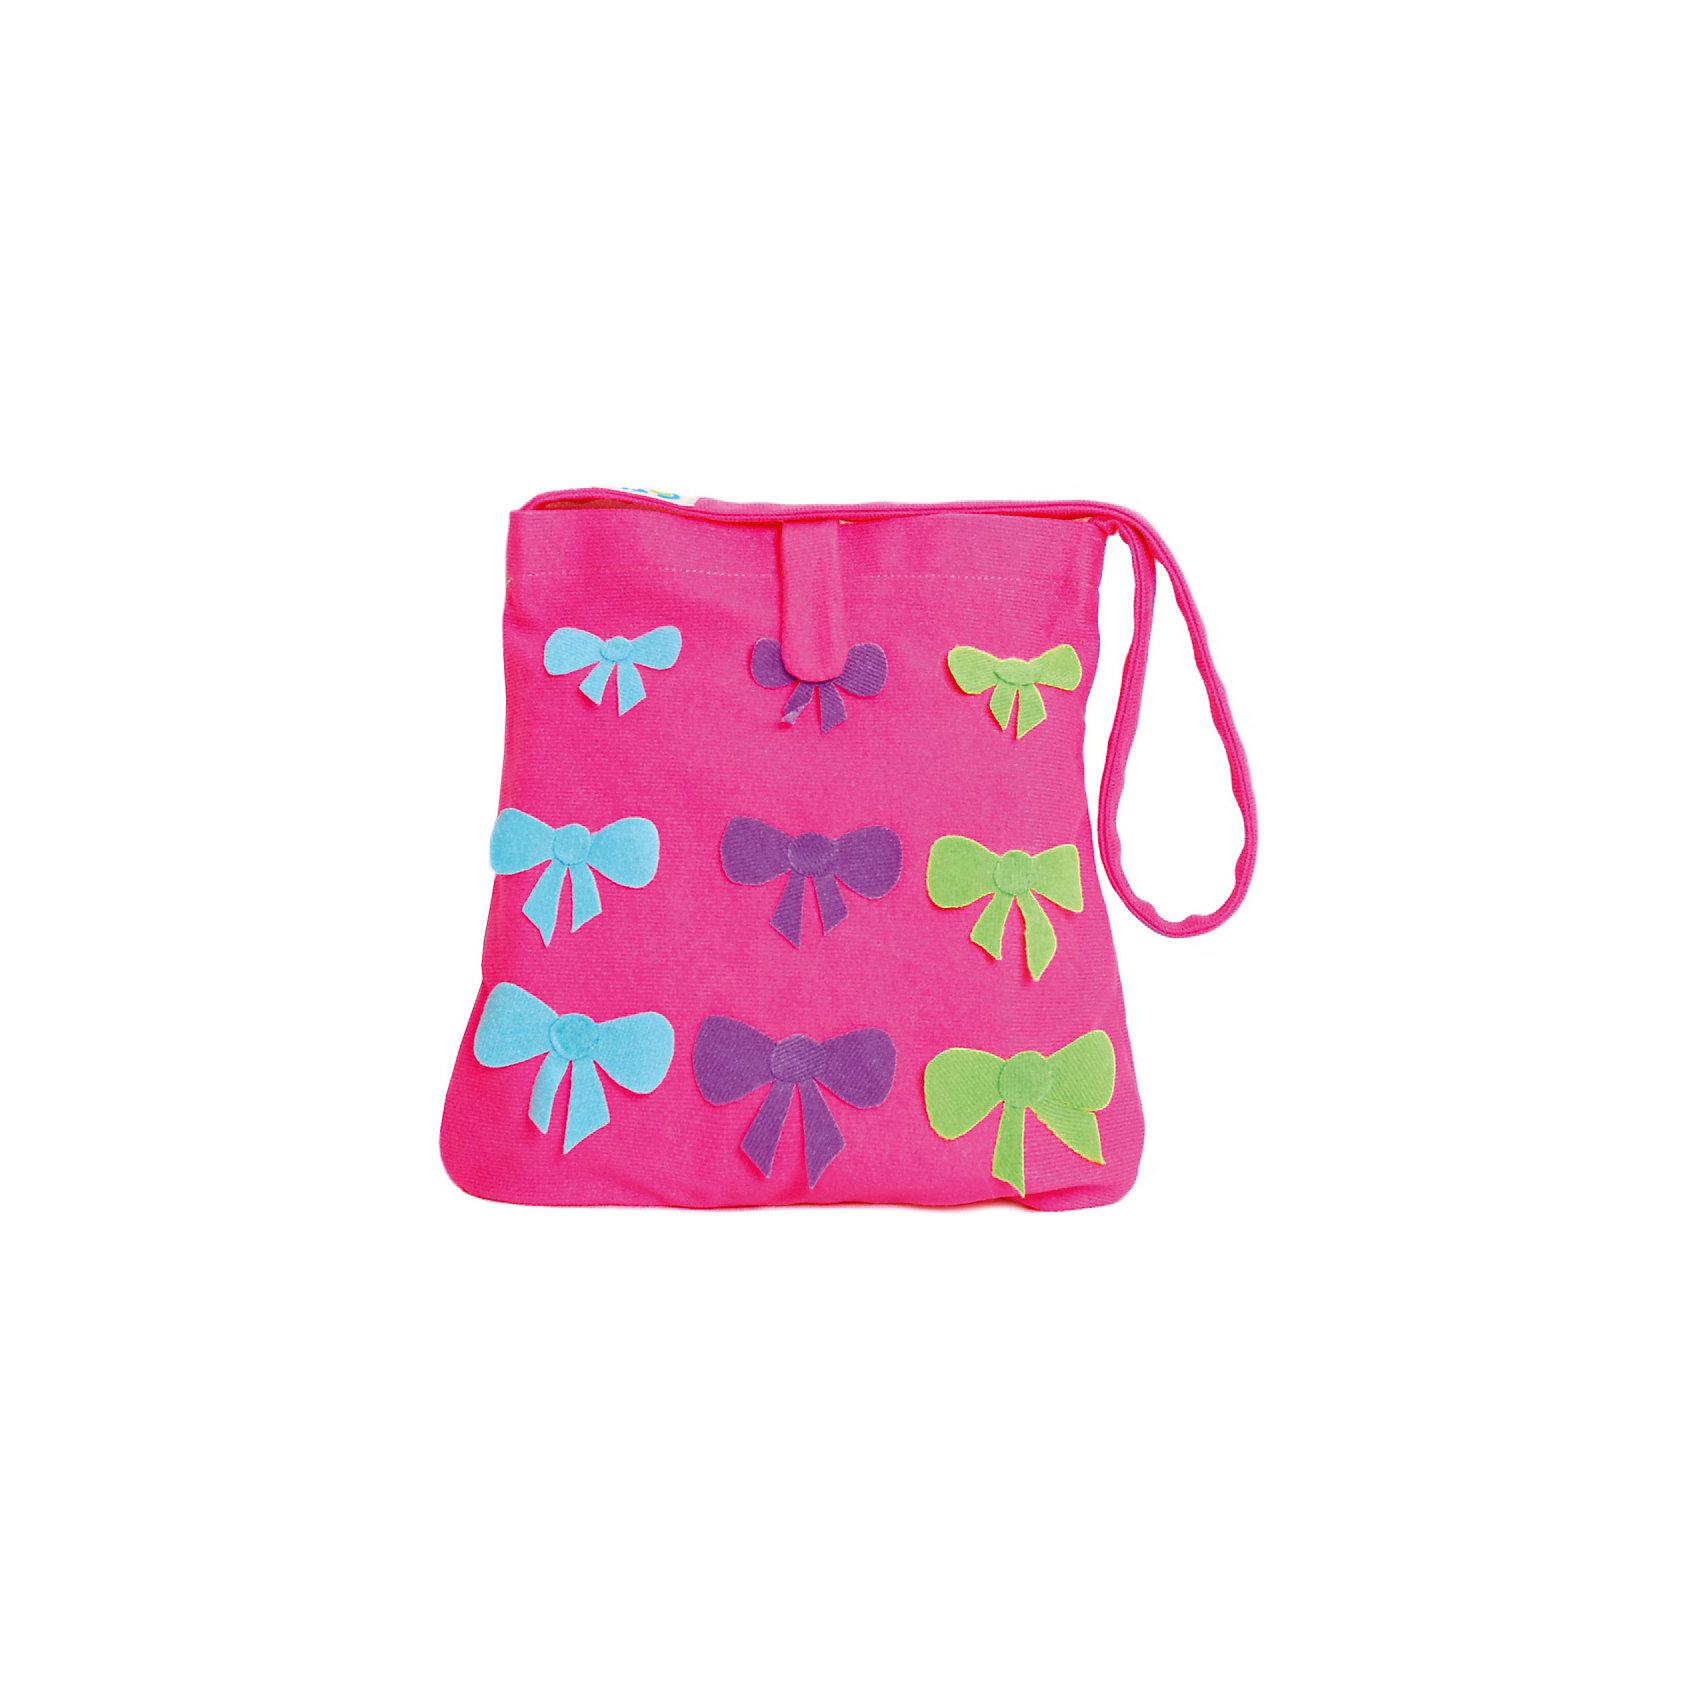 Стигис-аппликация Сумка детская, розоваяРукоделие<br>Если девочка давно мечтает о красивой сумке с оригинальной аппликацией, то ей обязательно понравится набор для стигис-аппликации на сумке. Ребенок сможет самостоятельно придумать дизайн и воссоздать его на сумочке при помощи ткани с термоклеевым слоем. Достаточно вырезать нужные элементы, выложить их на сумку и прогладить утюгом - красивая и практичная сумочка готова! В случае ошибки ткань можно снова прогладить утюгом, и она отклеится. Такой вид детского творчество хорошо развивает аккуратность, воображение и дизайнерские способности. Отличный подарок для юных рукодельниц!<br><br>Дополнительная информация: <br>В комплекте: сумка, кусочки stigis-ткани, выкройки, инструкция<br>Цвет: розовый<br>Размер: 3,5х27х20 см<br>Вес: 110 грамм<br>Набор для стигис-аппликации можно купить в нашем интернет-магазине.<br><br>Ширина мм: 200<br>Глубина мм: 270<br>Высота мм: 35<br>Вес г: 110<br>Возраст от месяцев: 60<br>Возраст до месяцев: 120<br>Пол: Унисекс<br>Возраст: Детский<br>SKU: 4939422